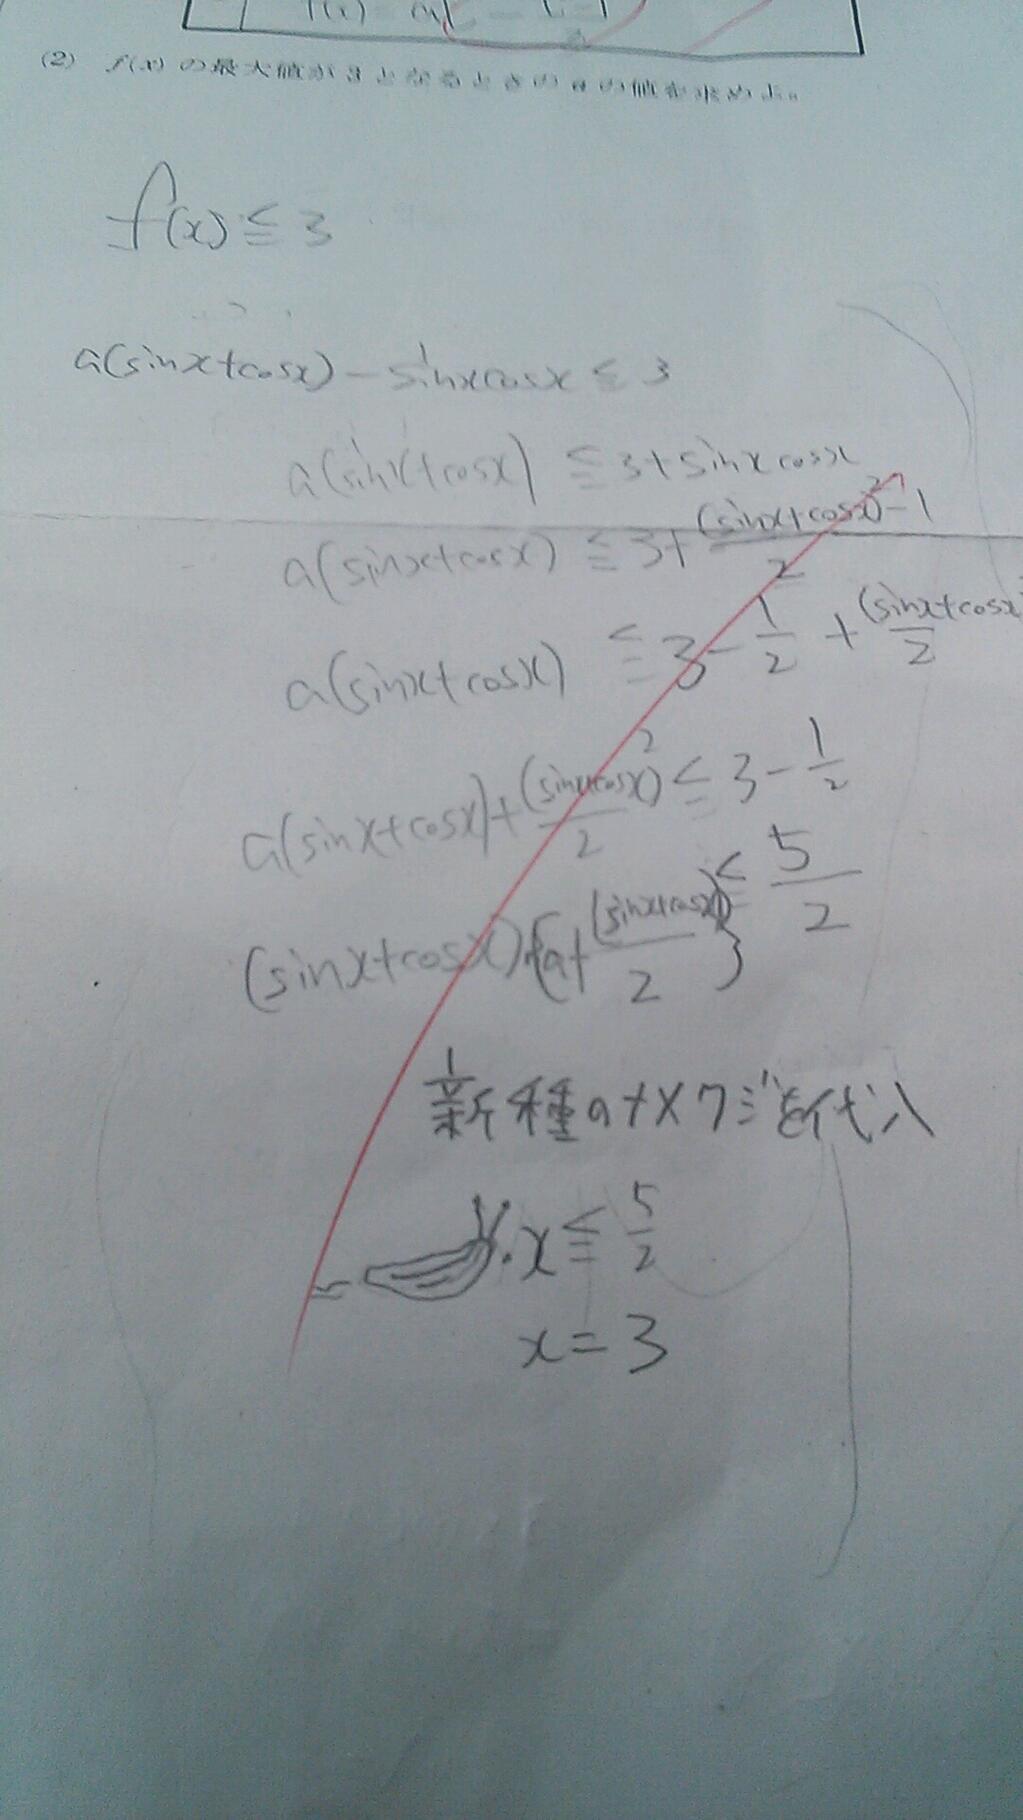 """【小ネタ】「数学のテストで""""あるもの""""を代入したら再々追試を食らった」と話題"""